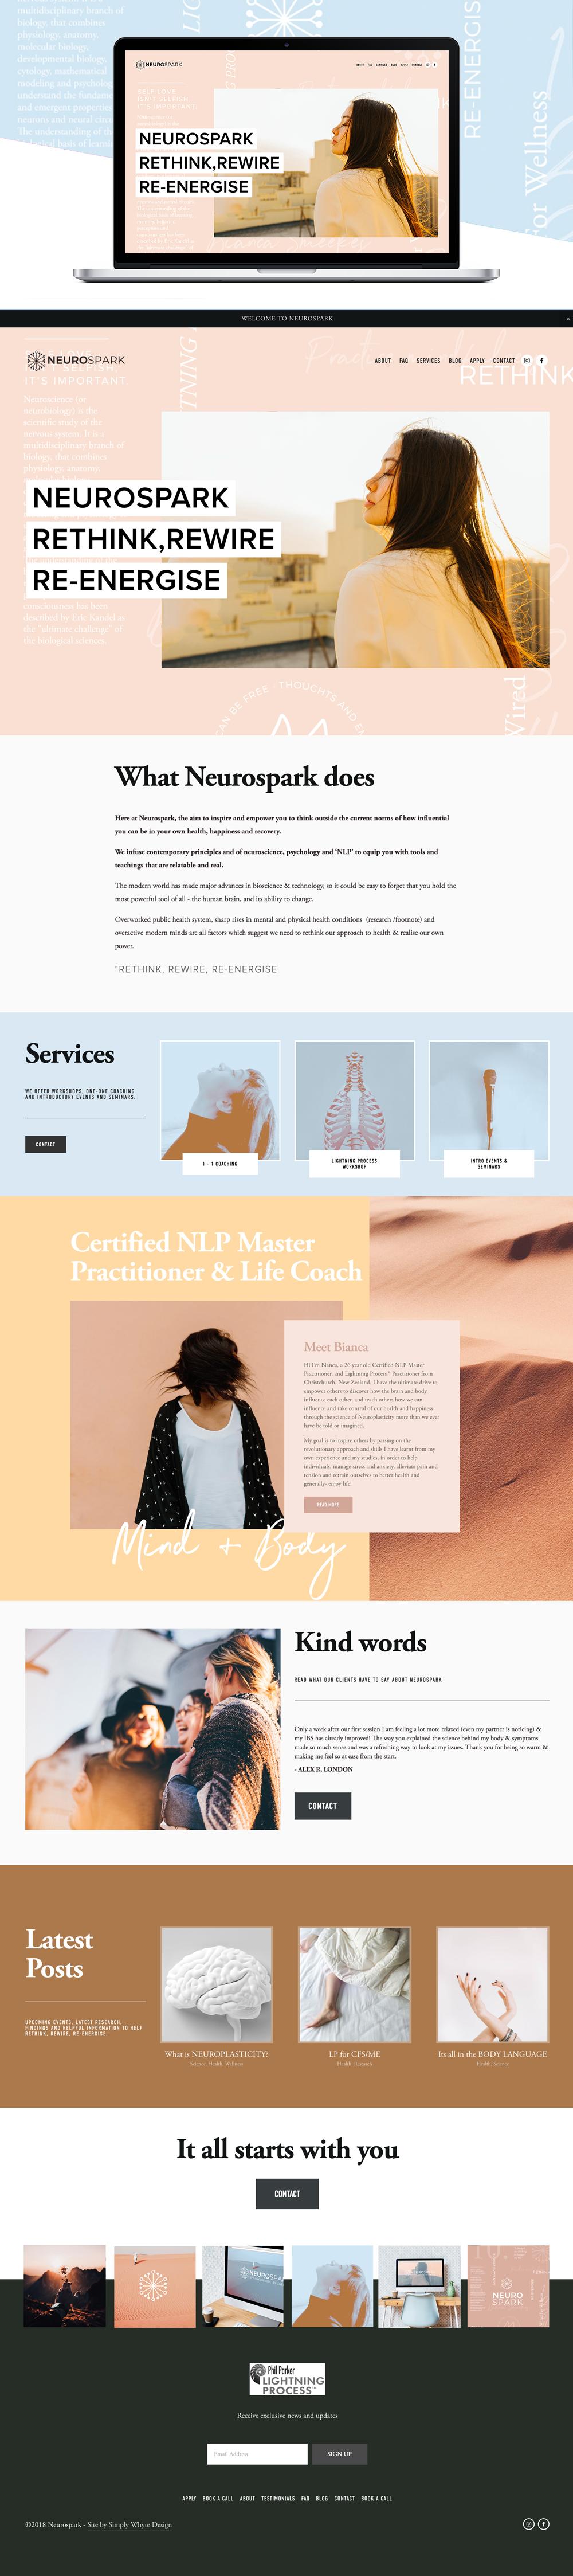 Neurospark_full_squaresapce_website.jpg